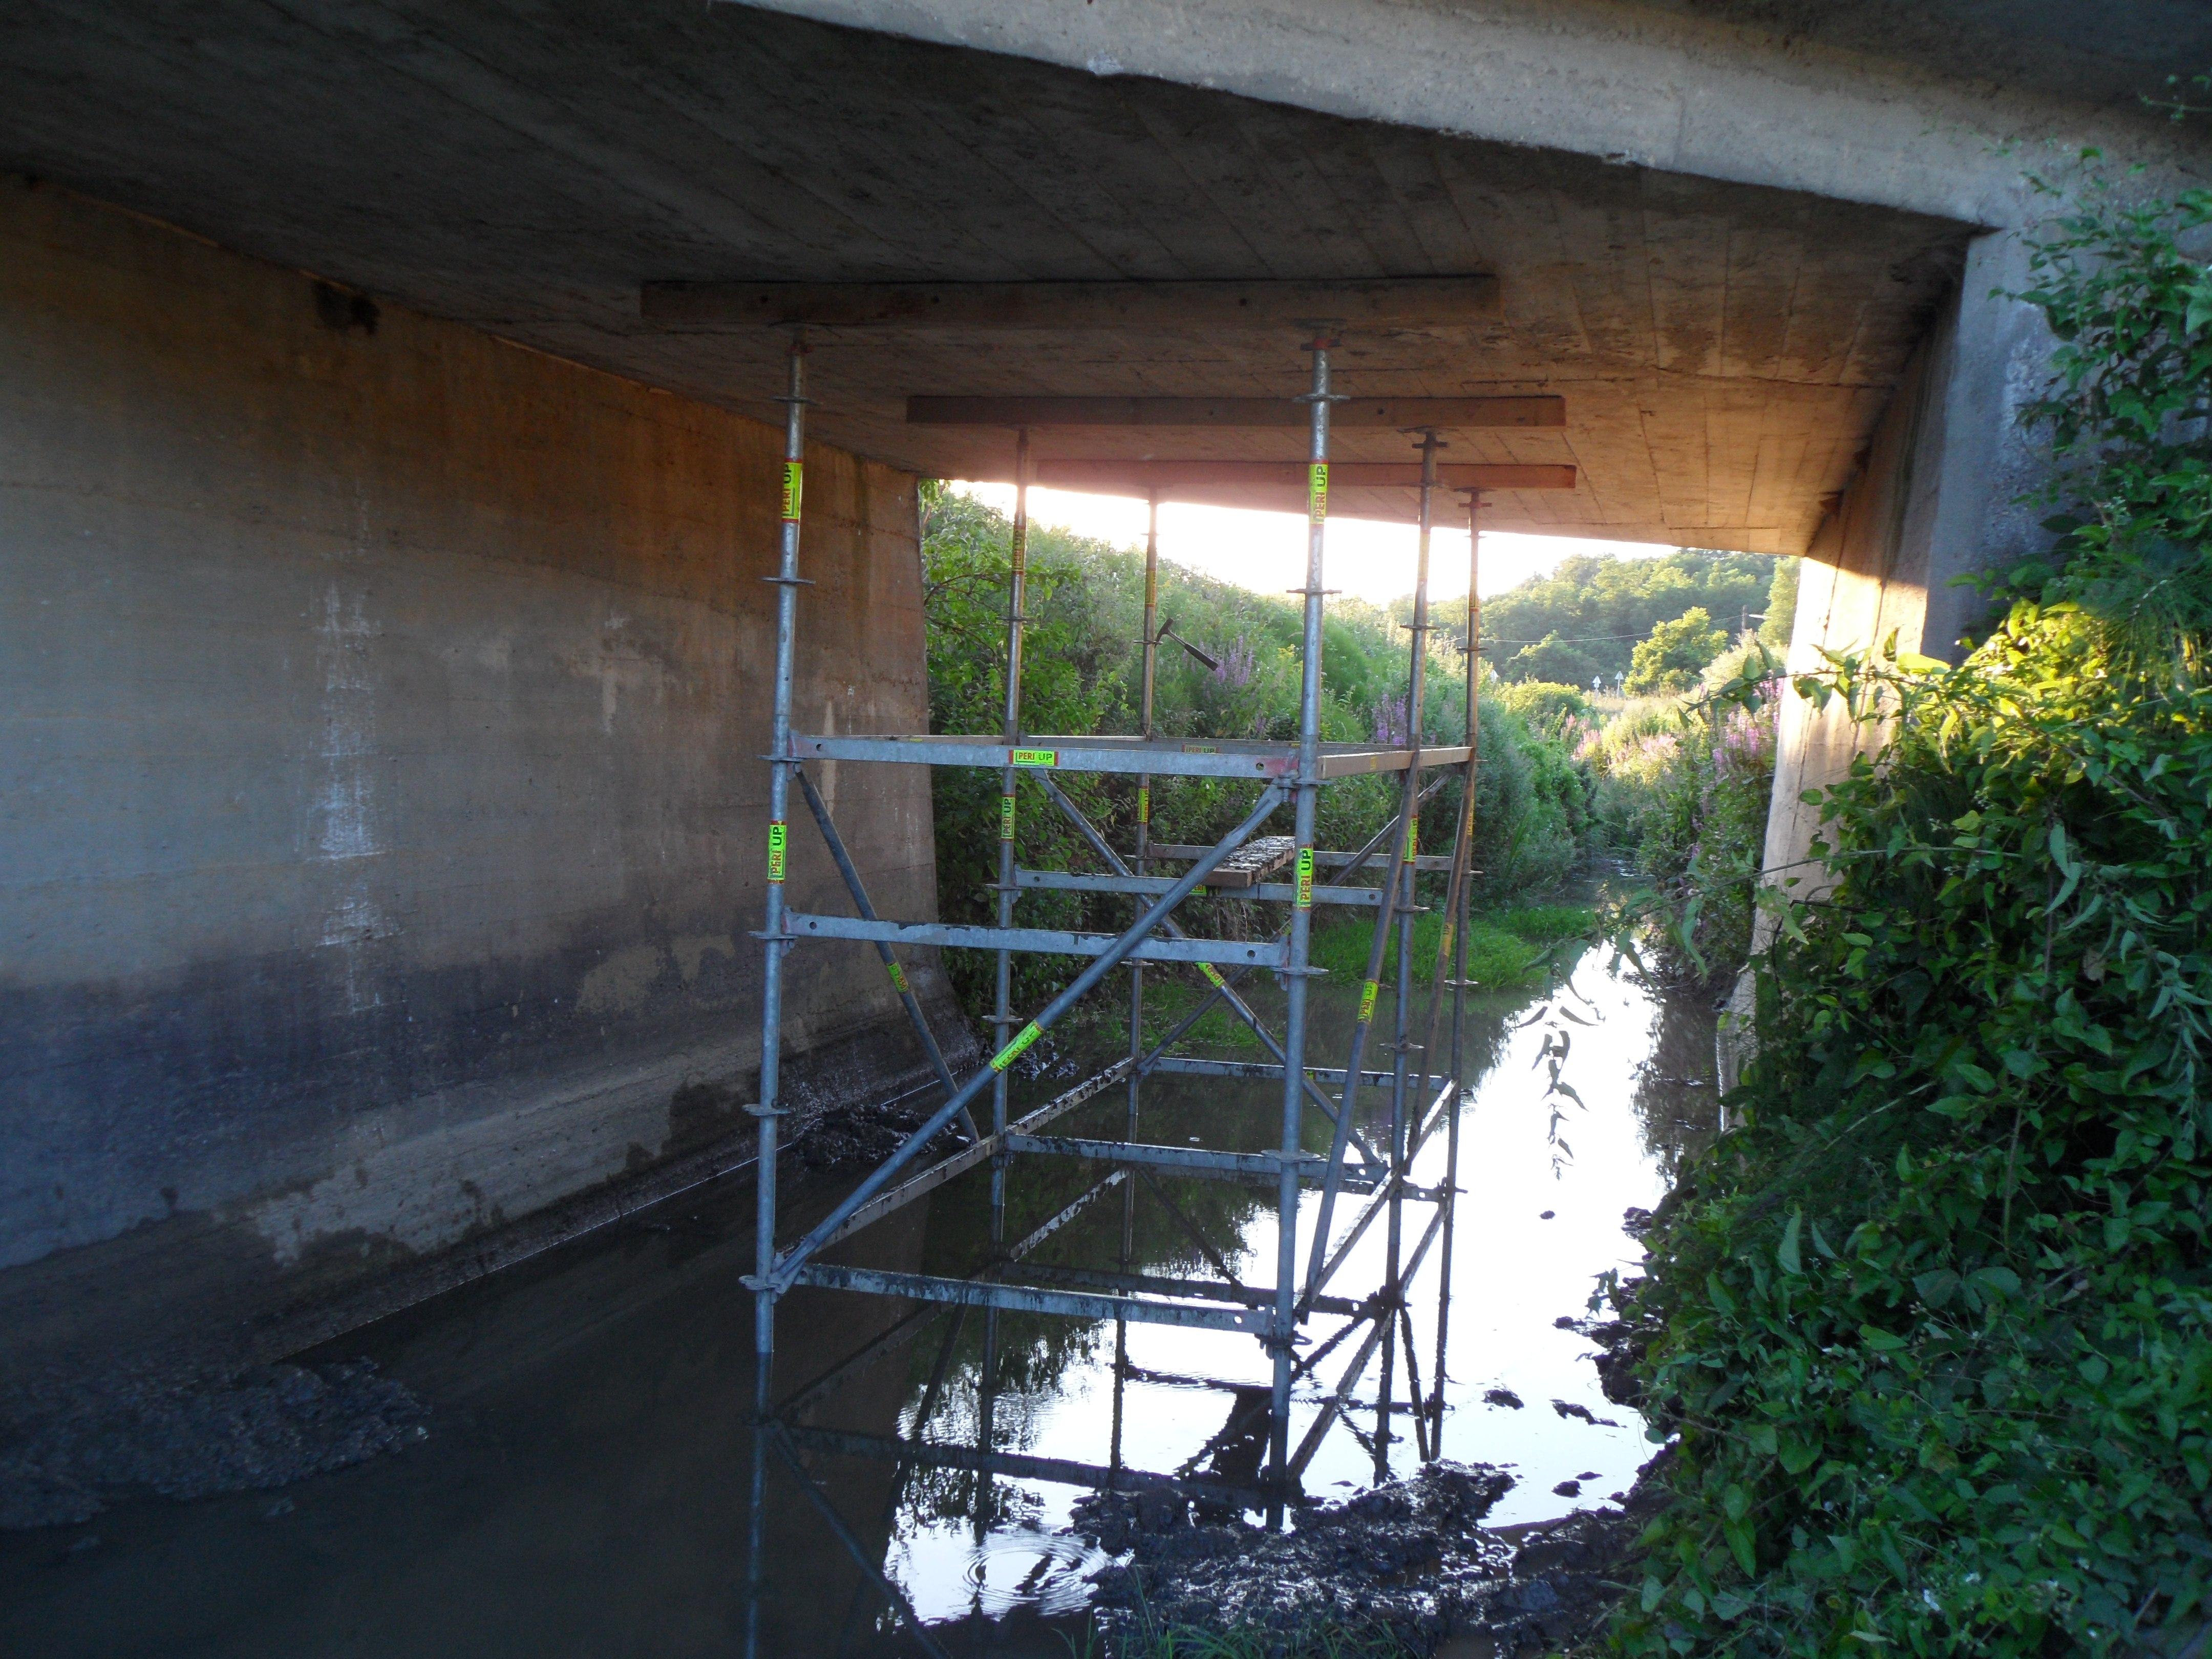 Hídvizsgálat – statikai vizsgálat